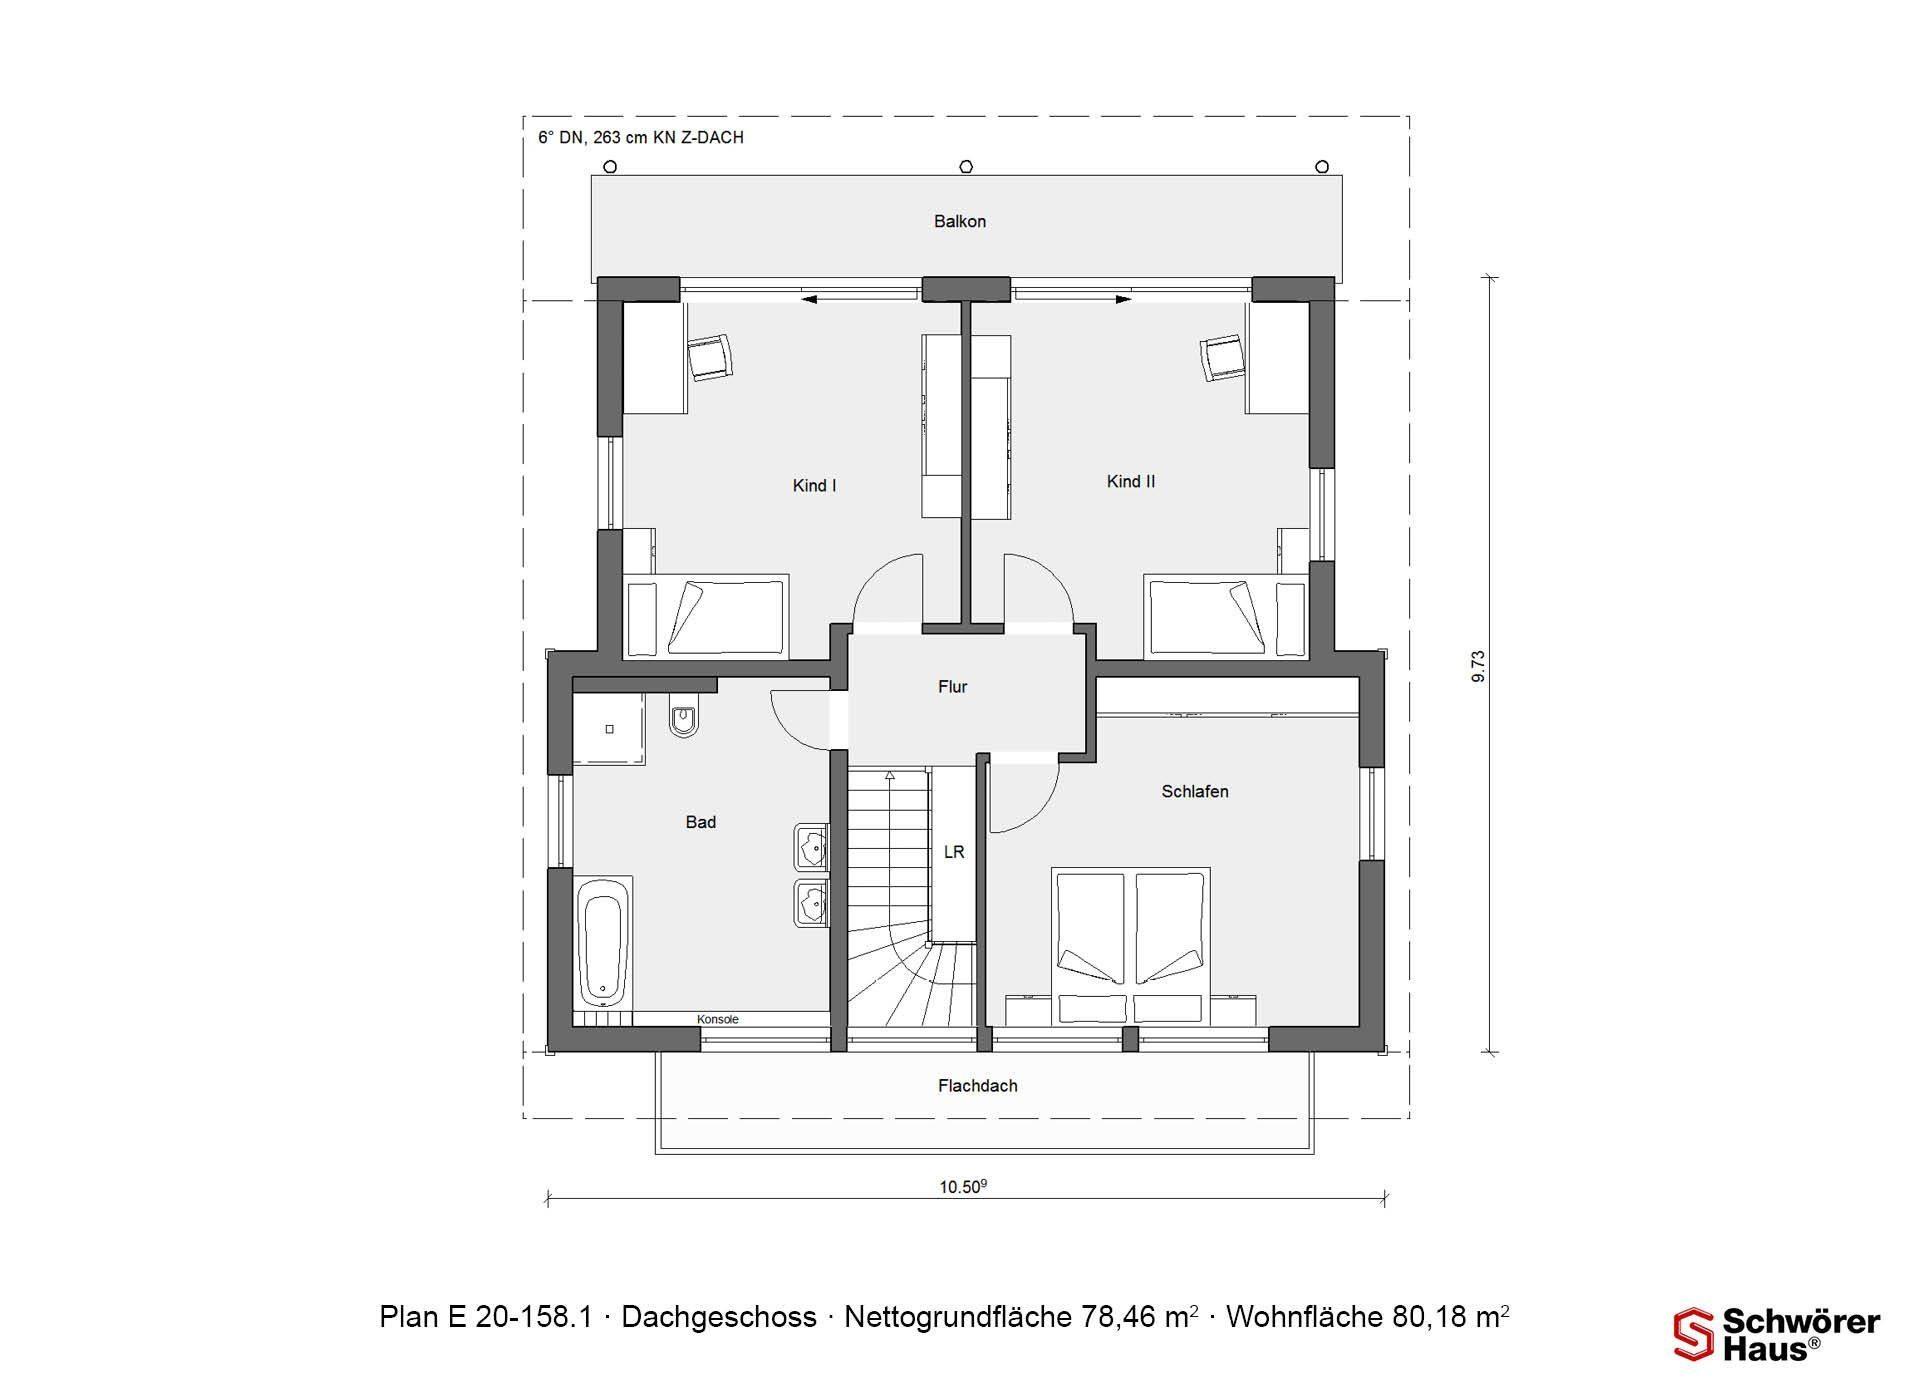 Plan E 15-156.1 - Ein Screenshot eines Videospiels - Gebäudeplan